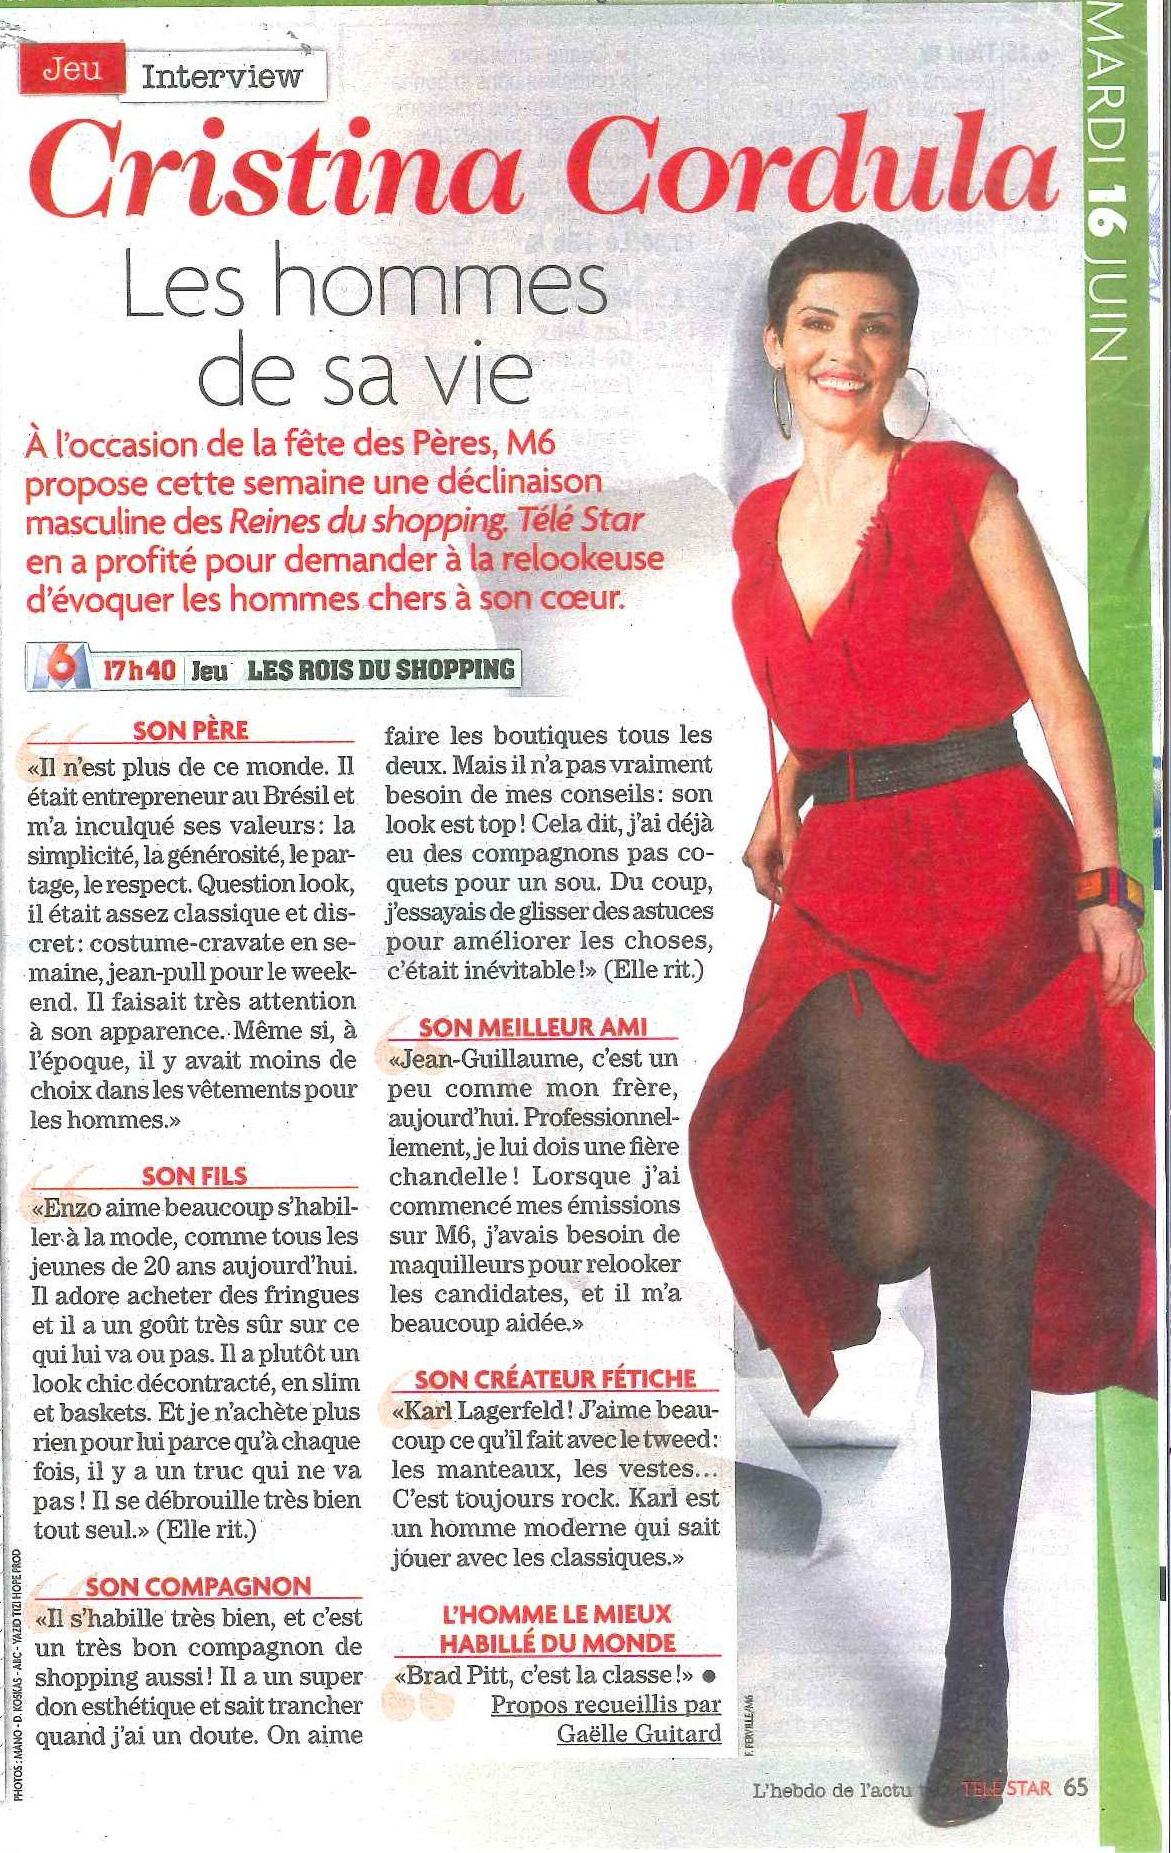 Tele-Star_Cristina